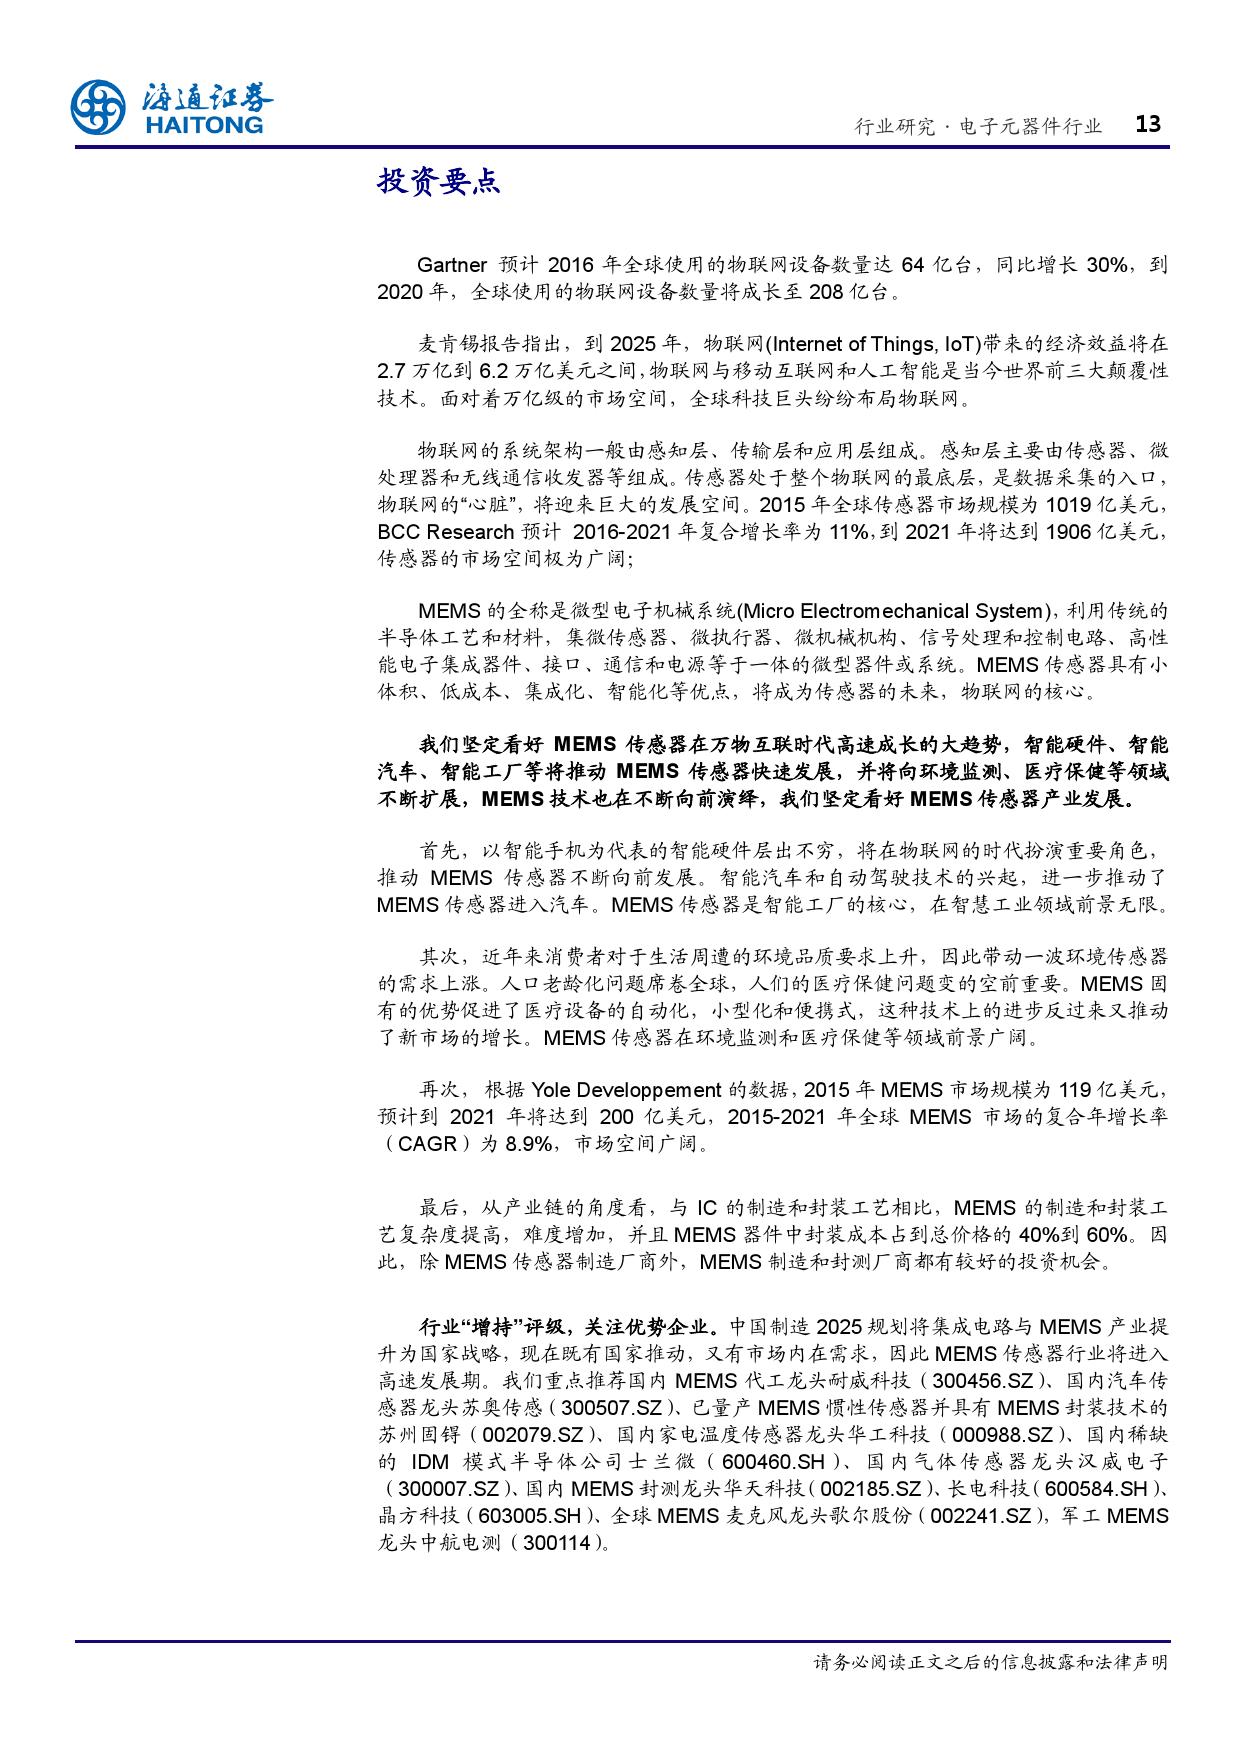 报告全解传感器全球产业链_000013